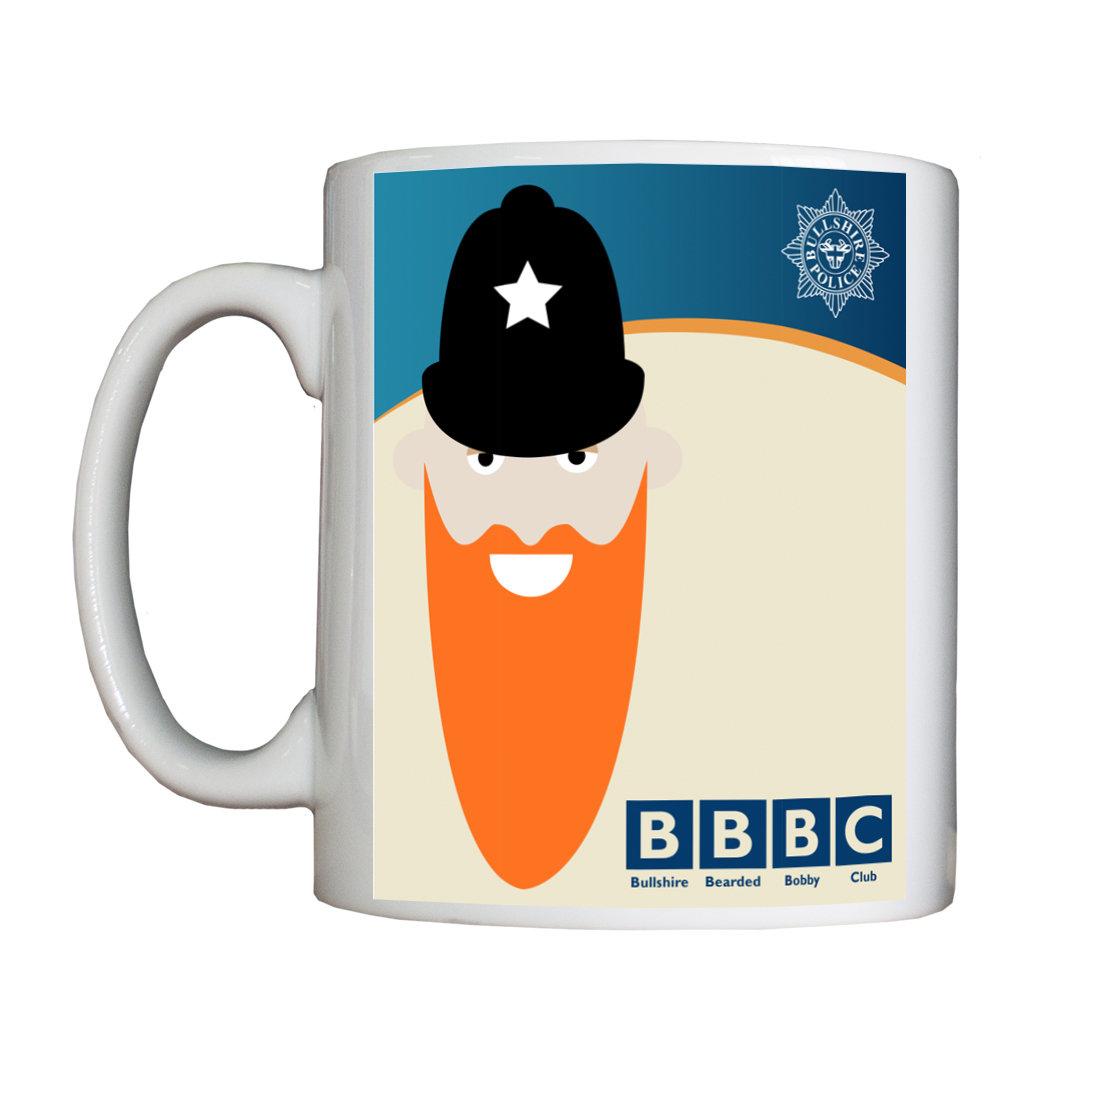 Personalised 'Bullshire Bearded Bobby Club' Mug BBBCMUG